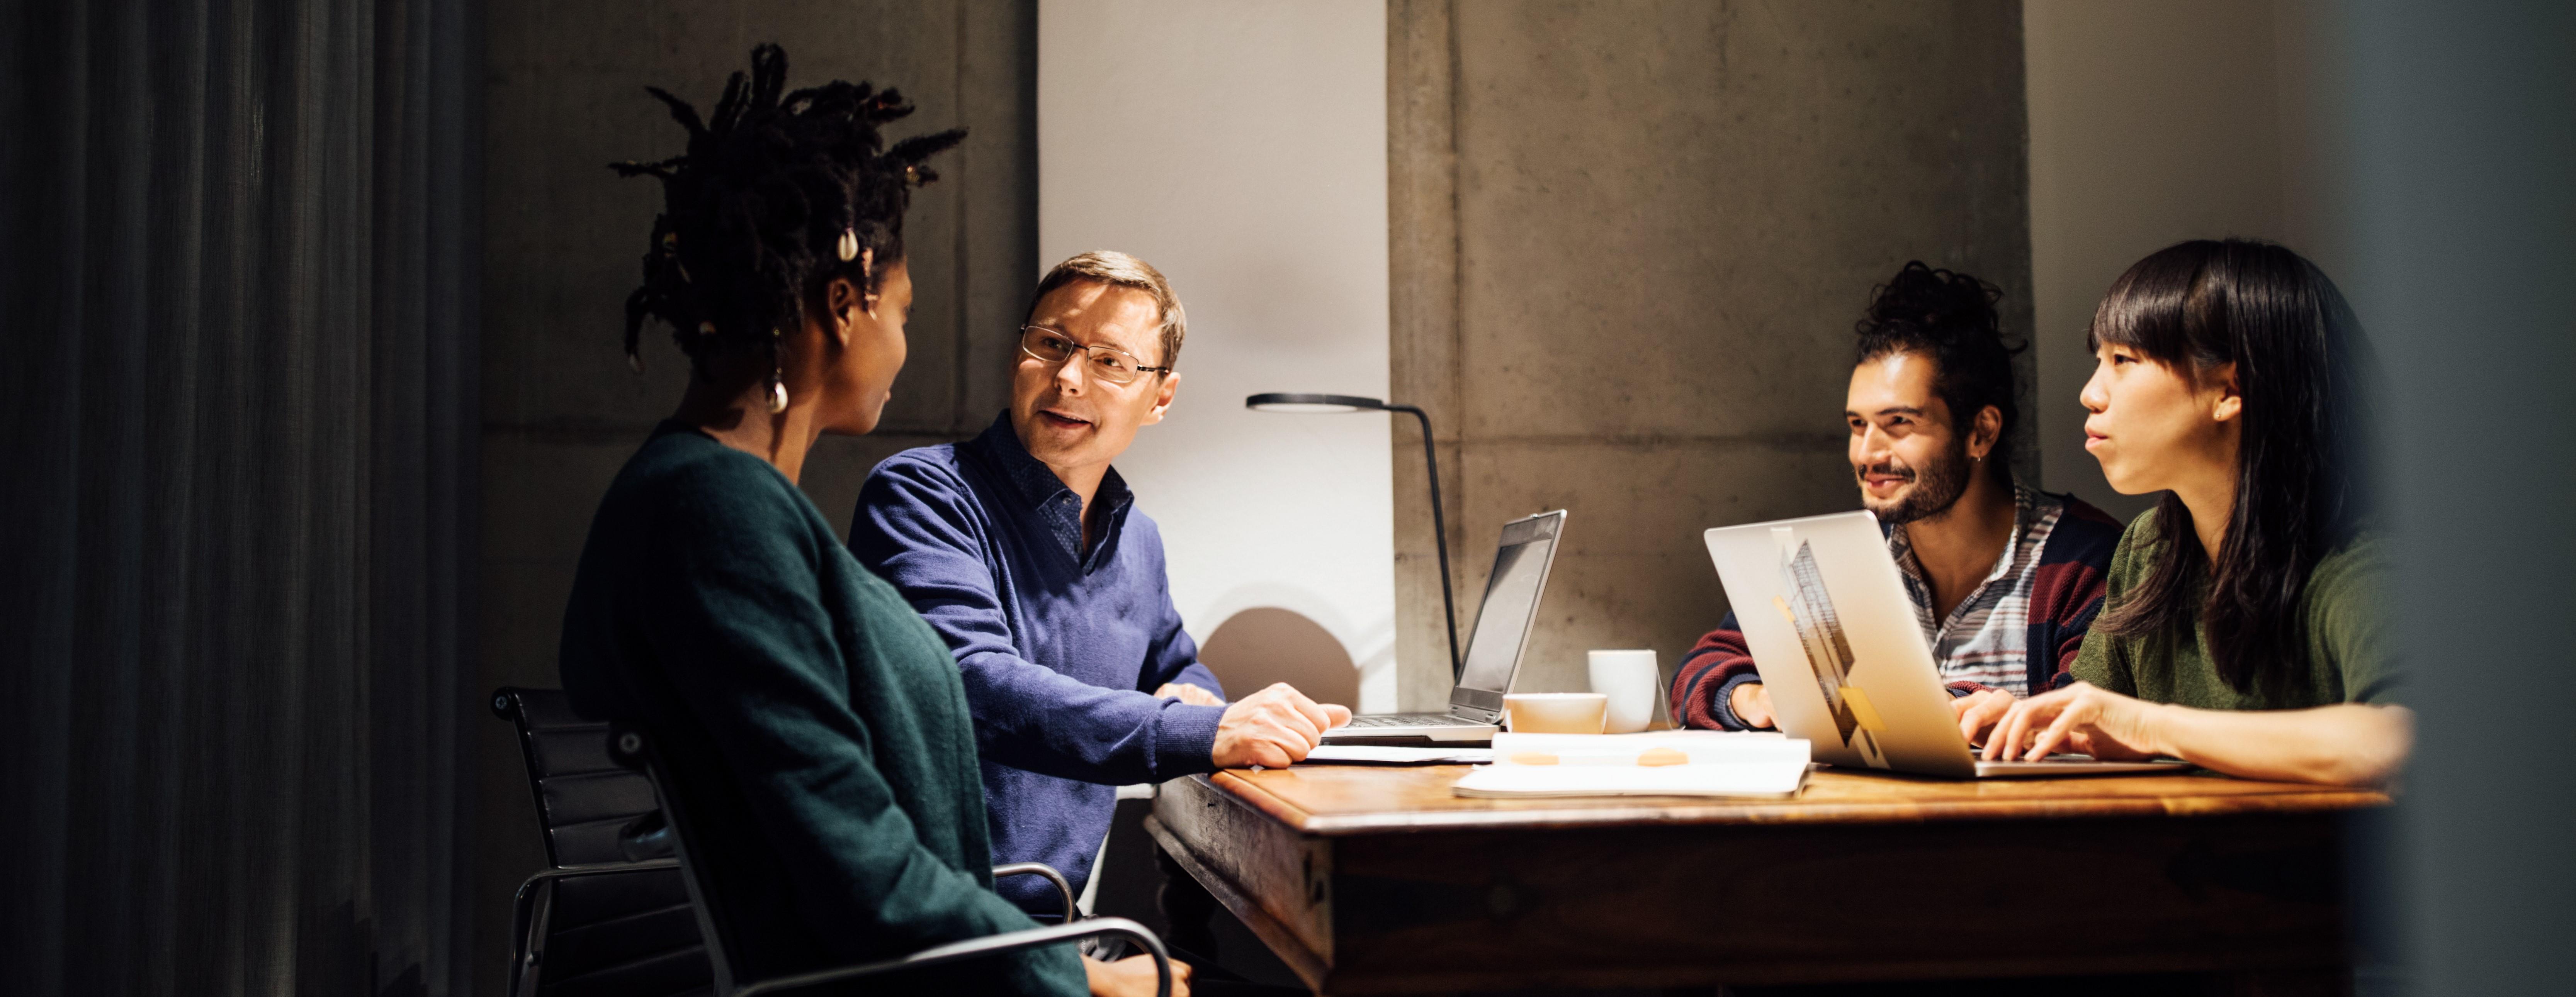 people-in-meeting